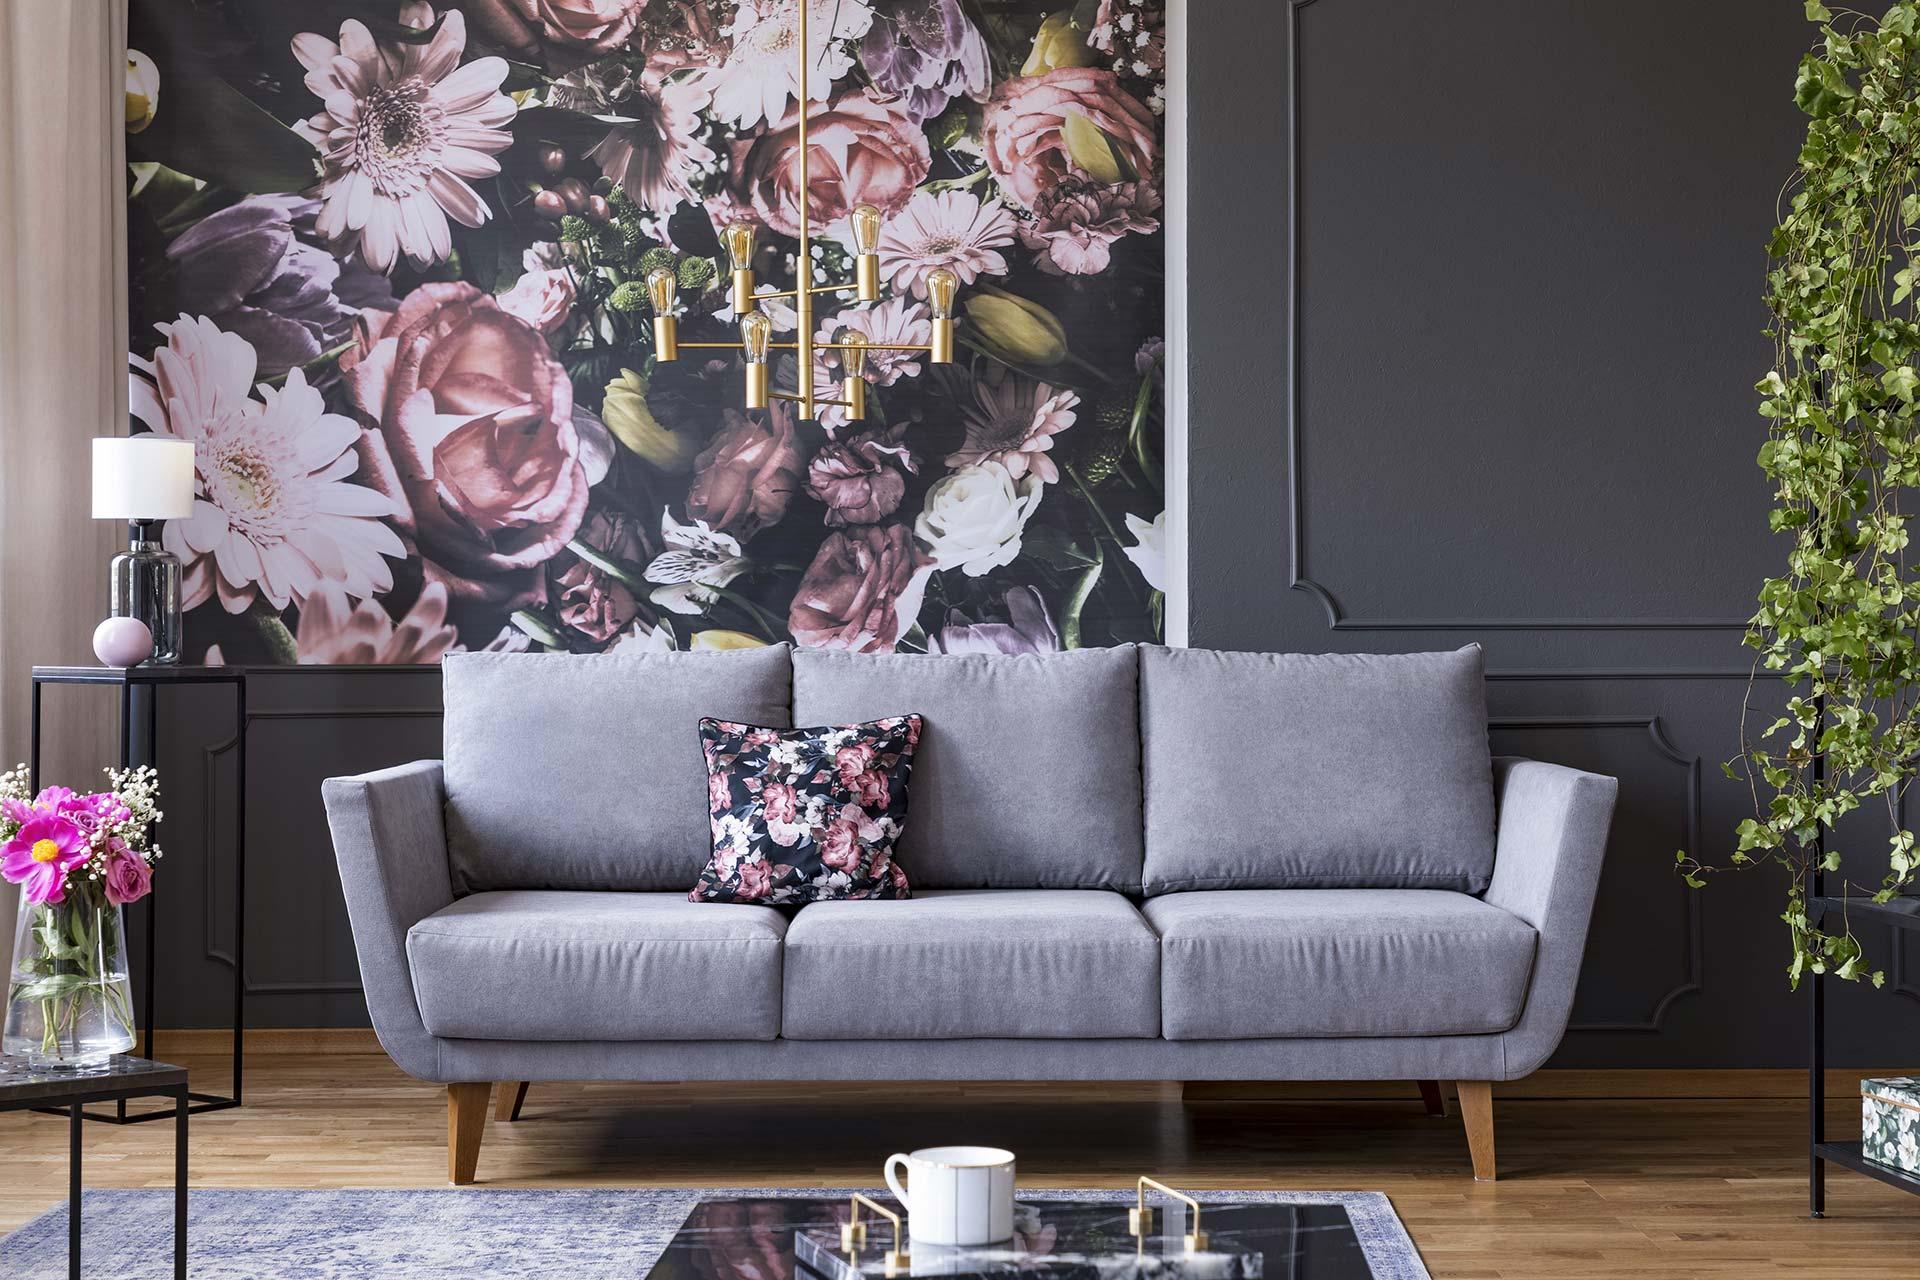 Tapeten & Farben - dunkle Lounge mit grauem Sofa und geblümter Fototapete